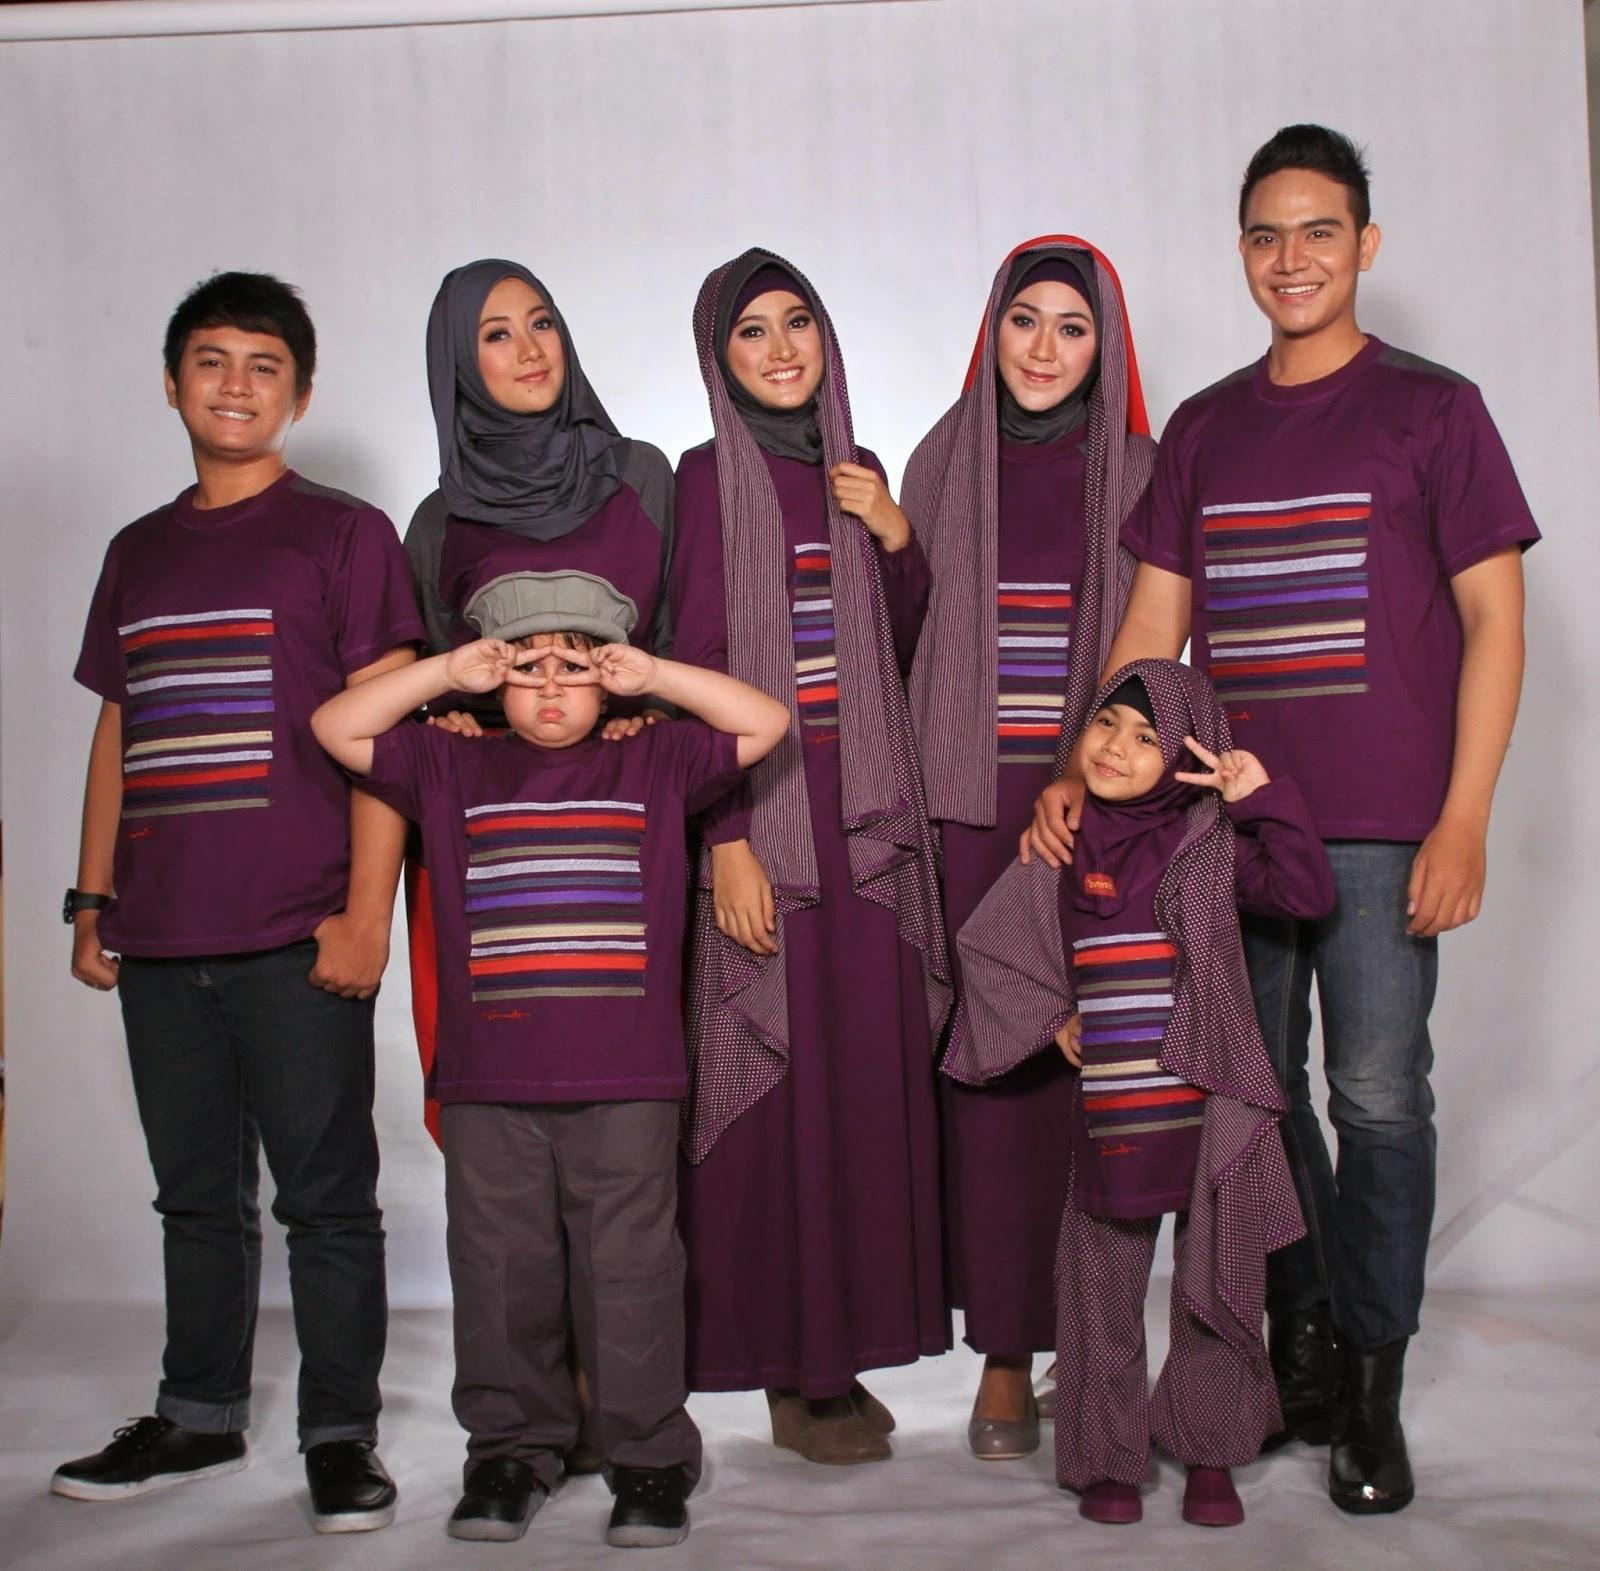 Bentuk Baju Lebaran Anak 2017 Rldj Model Baju Keluarga Untuk Hari Raya Lebaran 2018